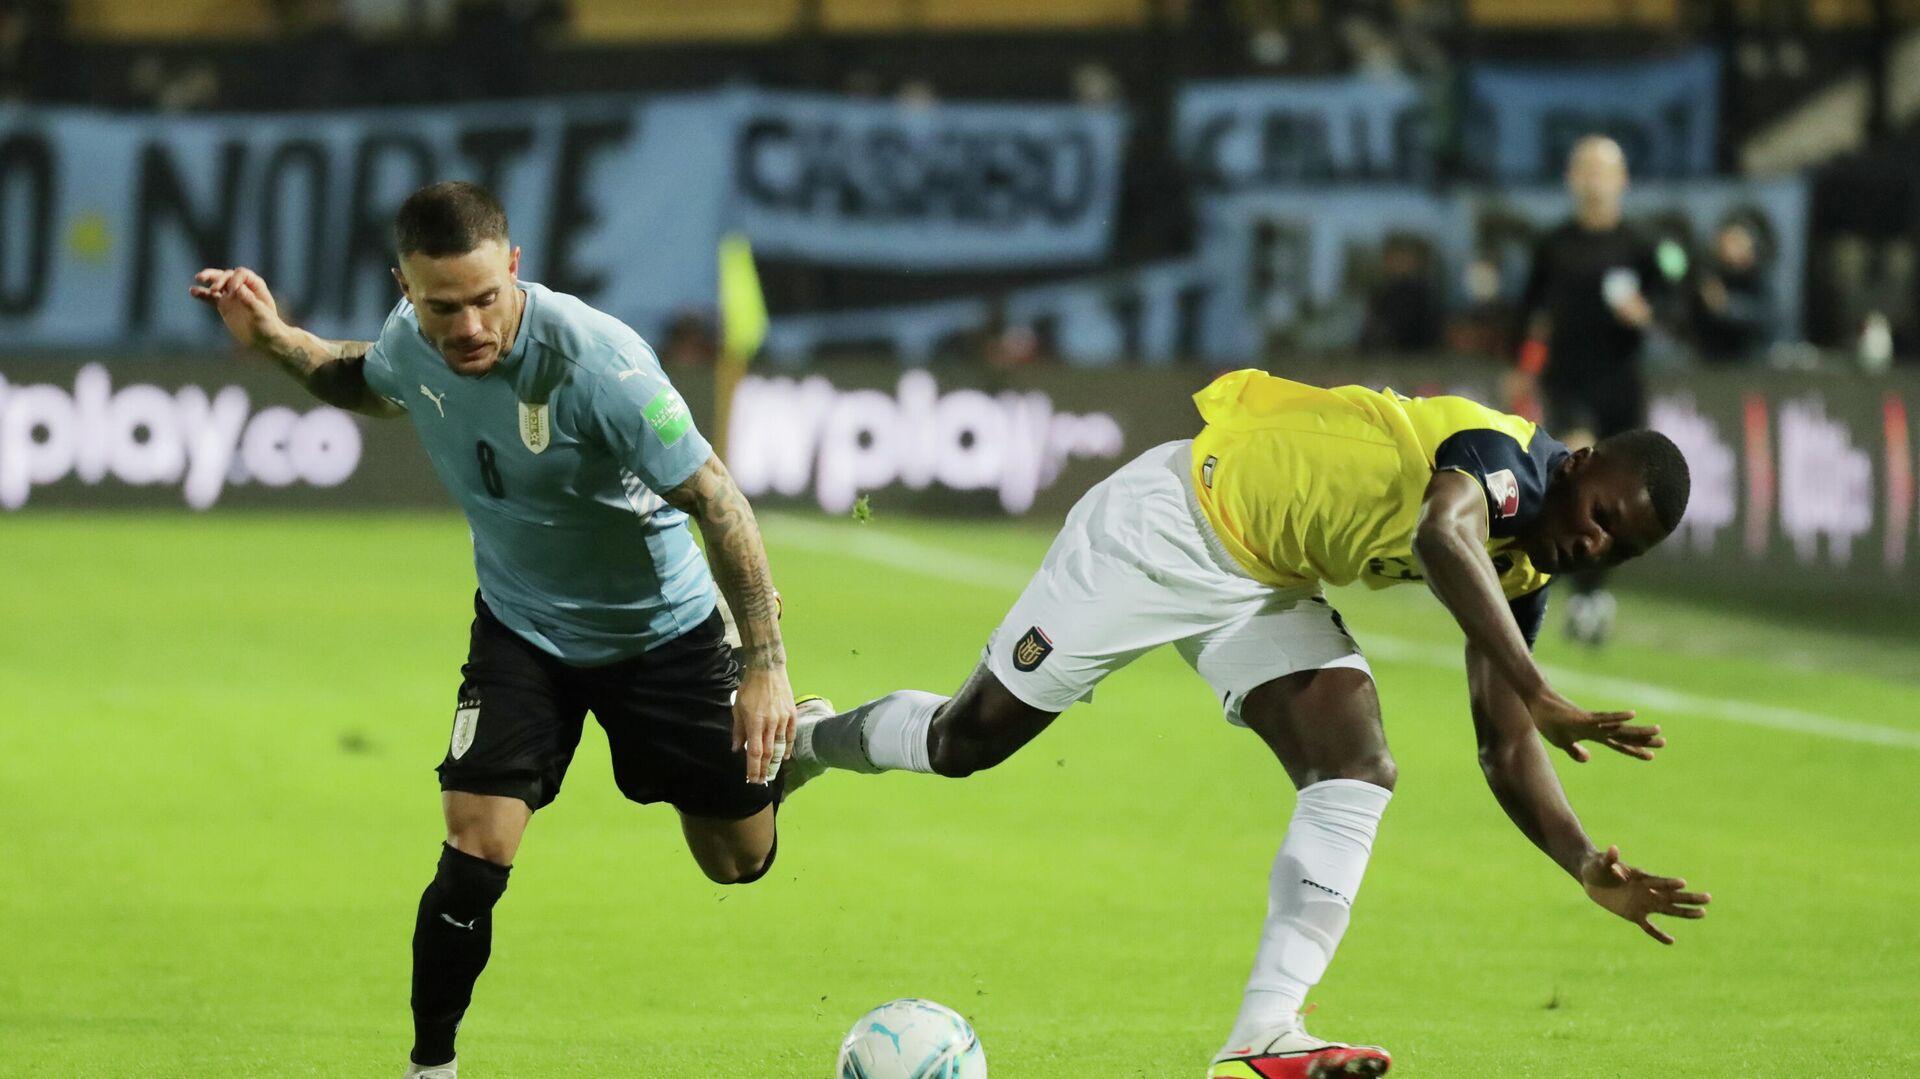 El futbolita uruguayo Nahitan Nandez disputa un balón con el ecuatoriano Moisés Caicedo durante un partido por las Eliminatorias sudamericanas para Catar 2022 en Montevideo - Sputnik Mundo, 1920, 10.09.2021